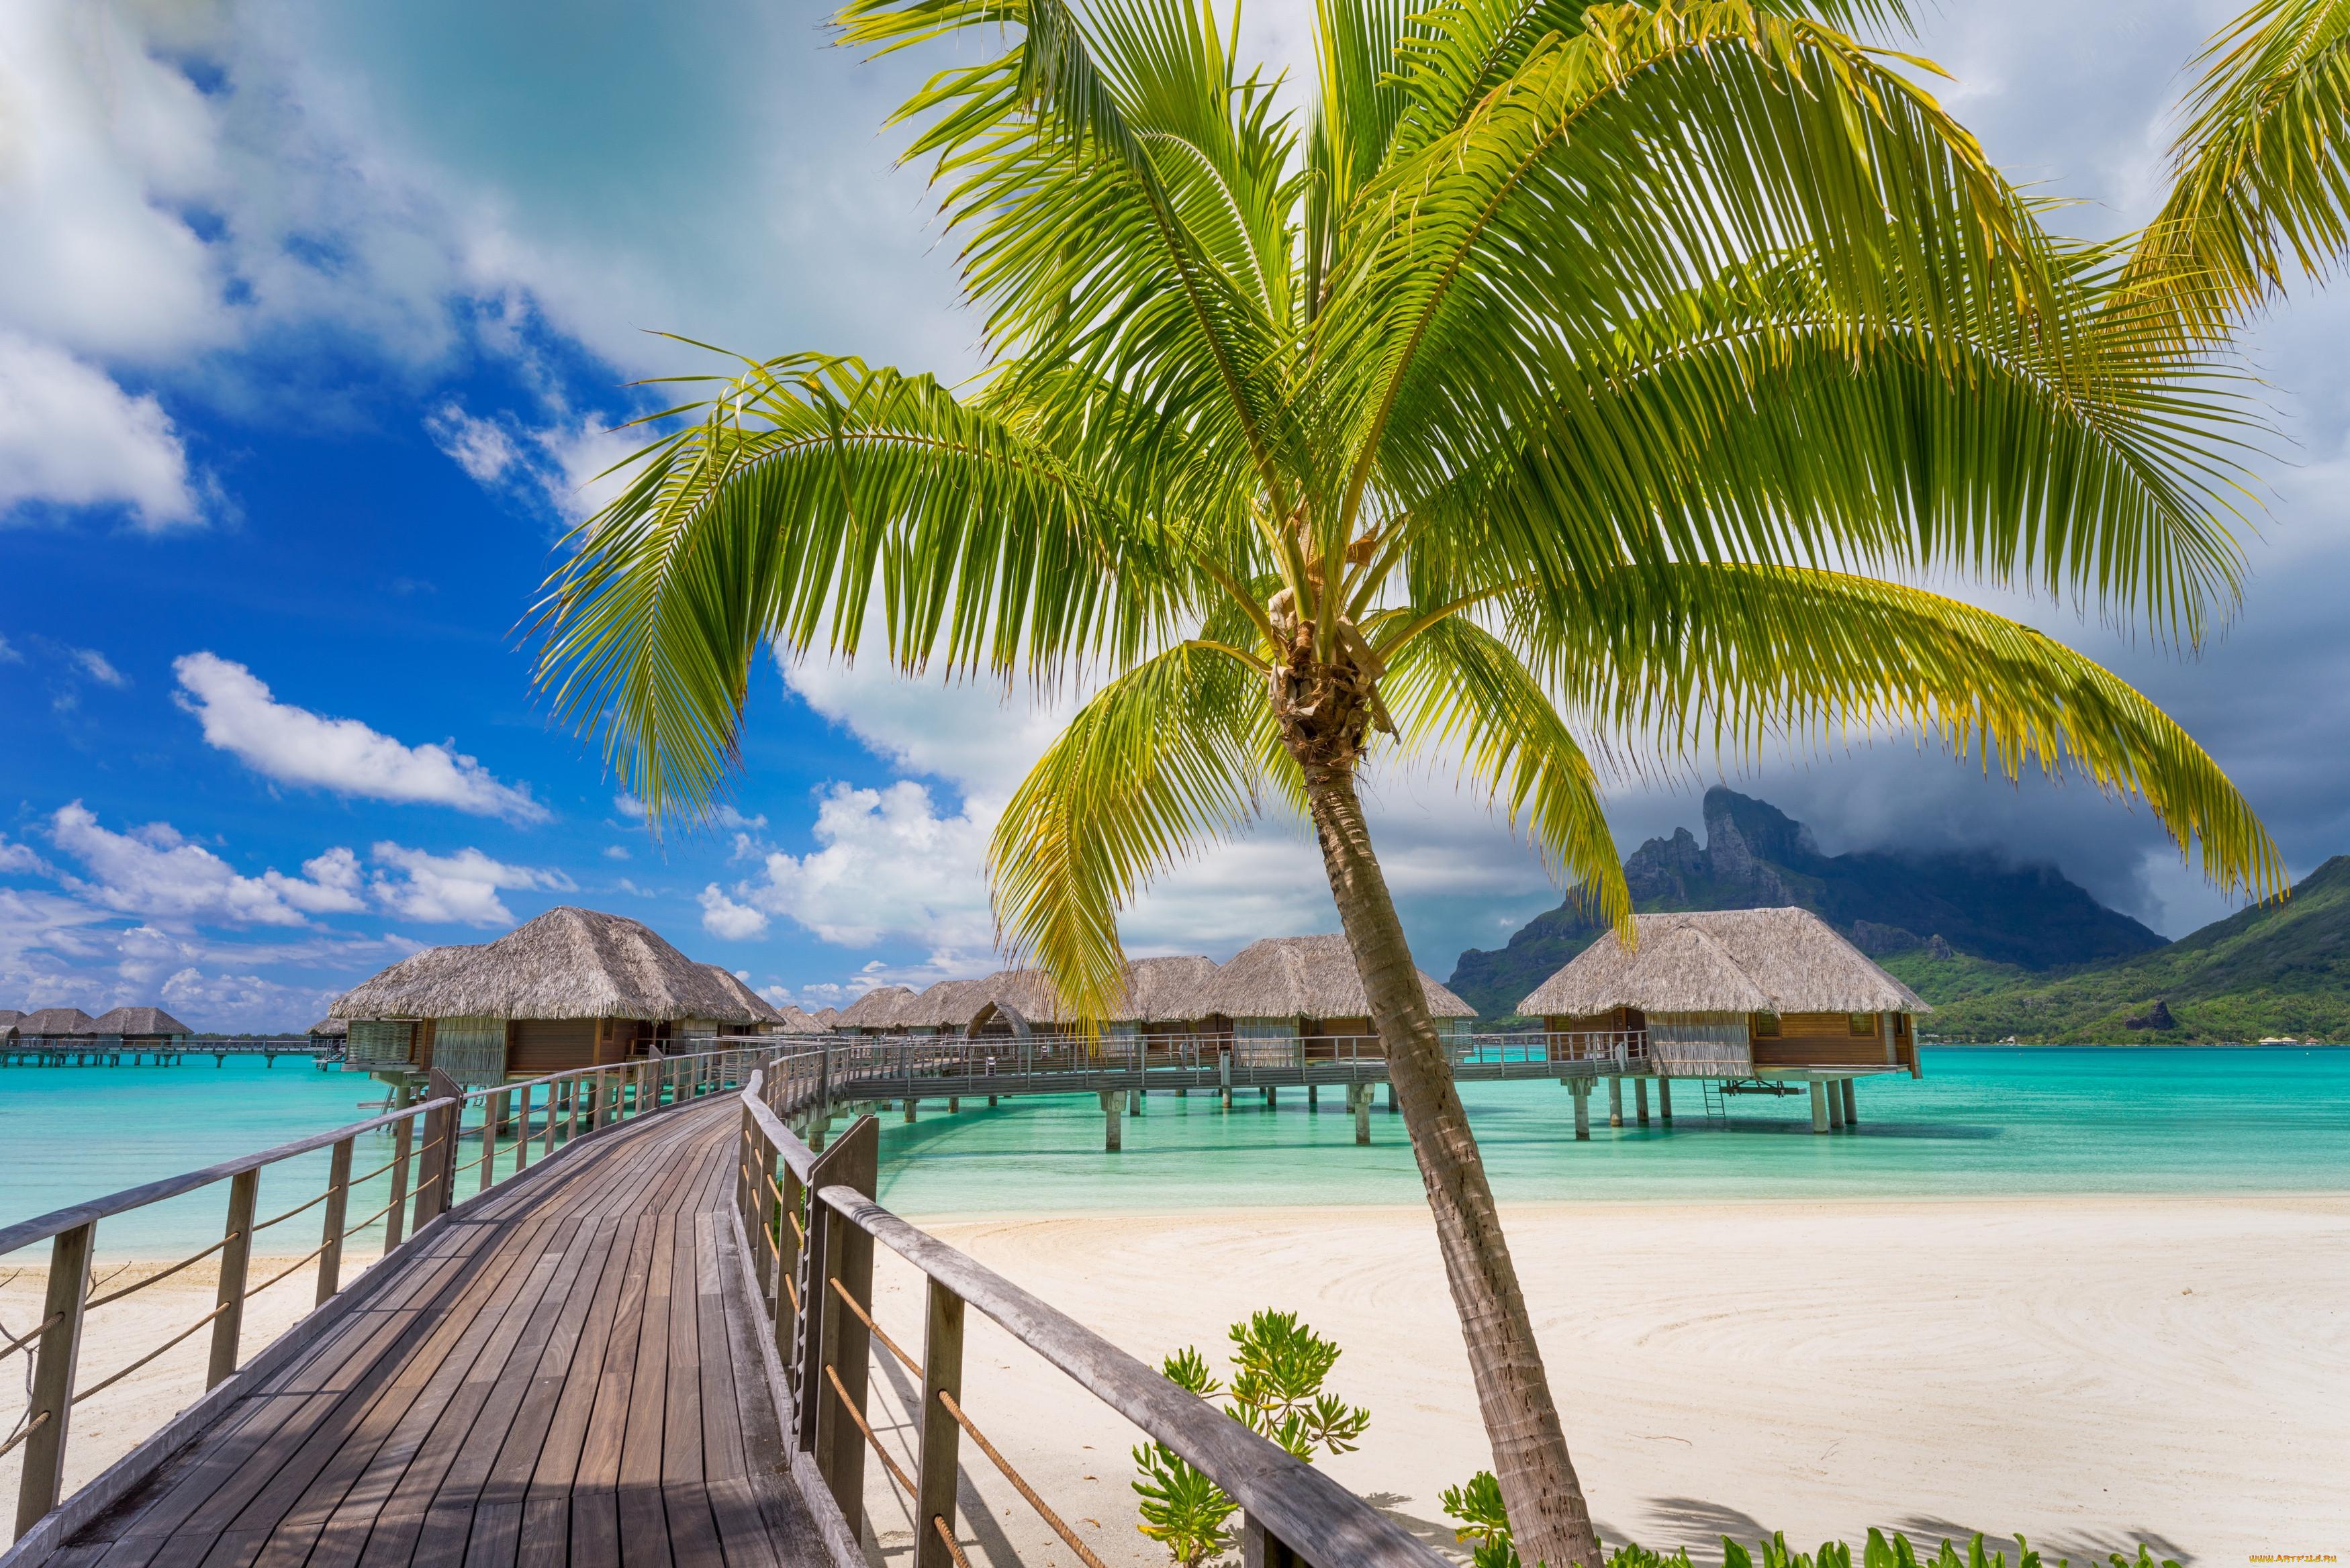 Море пальмы пляж картинка